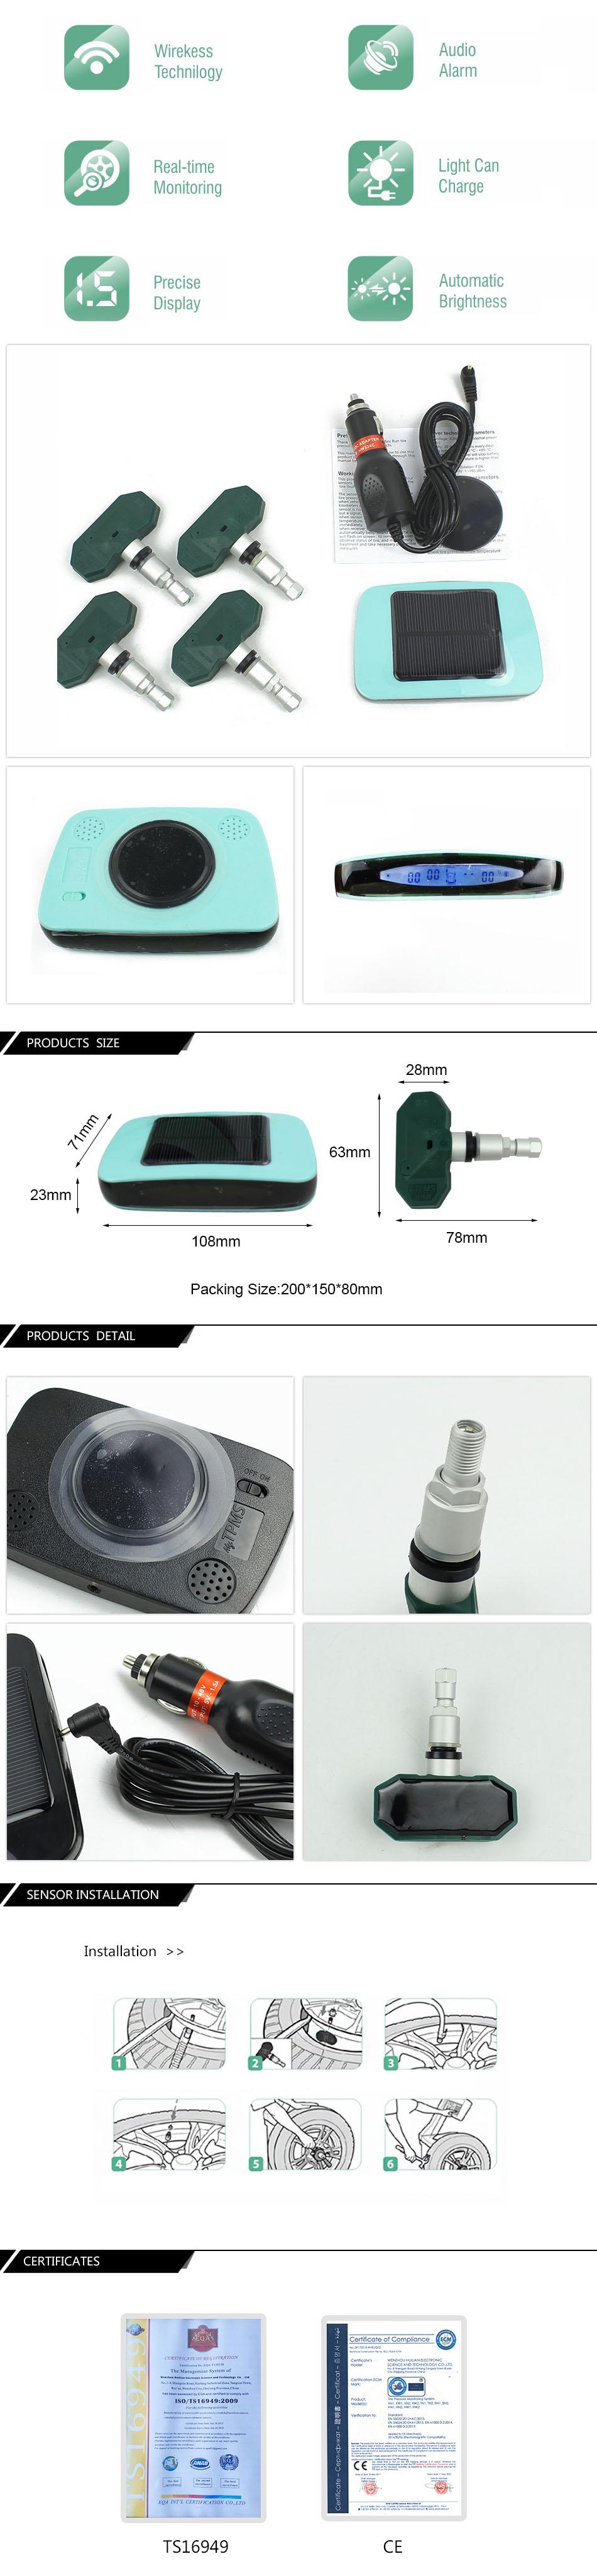 FE-TPMS-B01-056